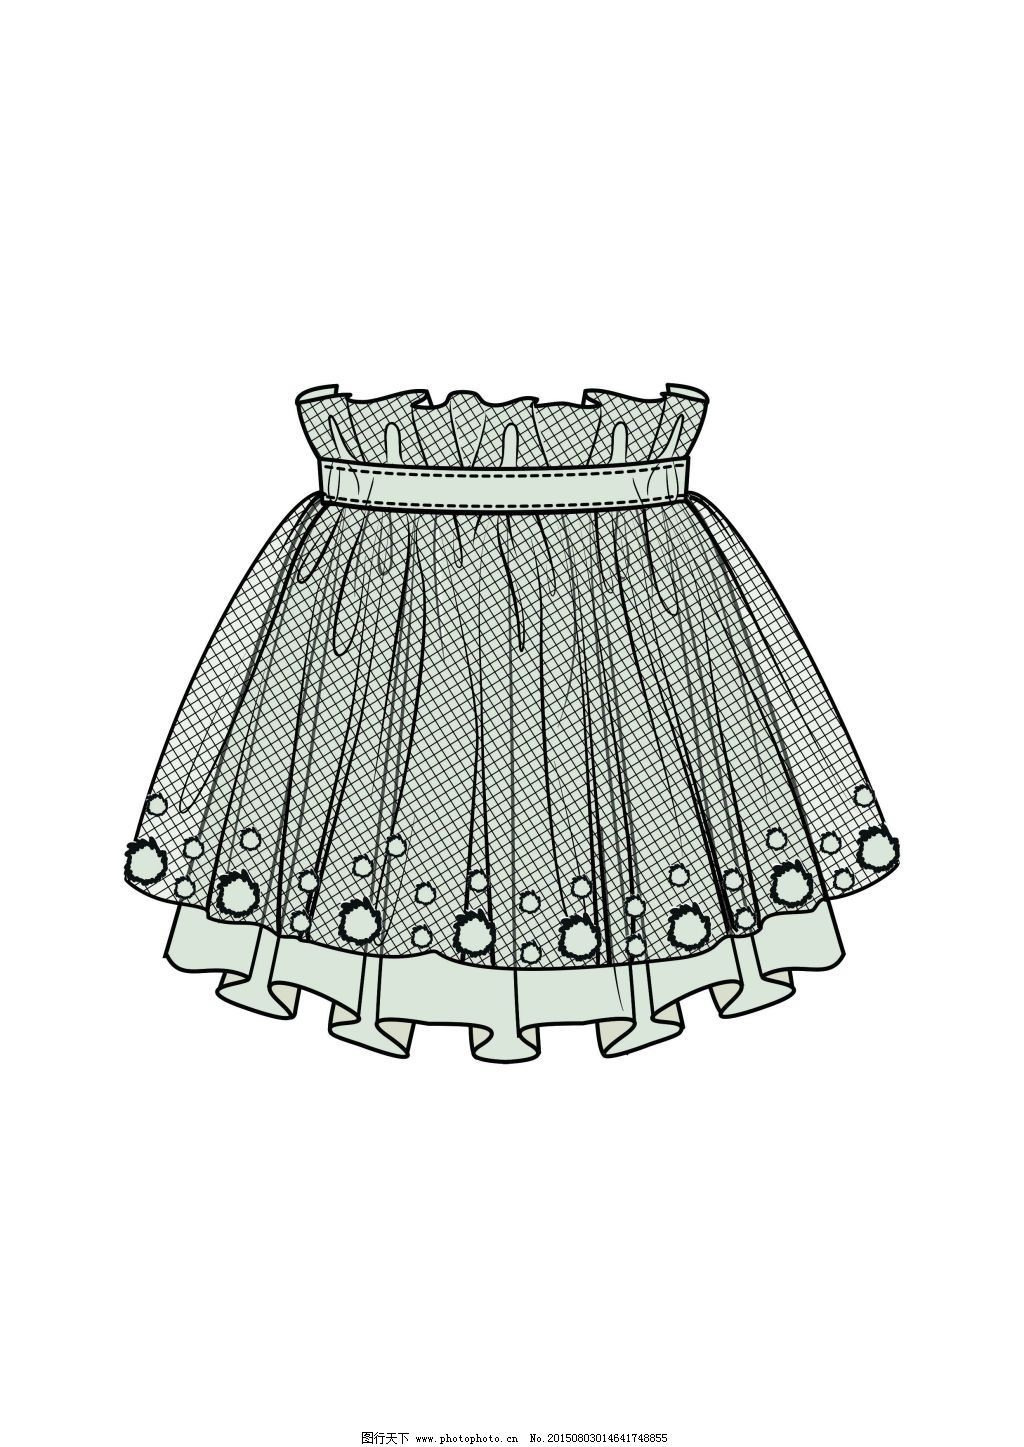 裙子免费下载 服装 款式图      裙子款式      服装 款式图 原创设计